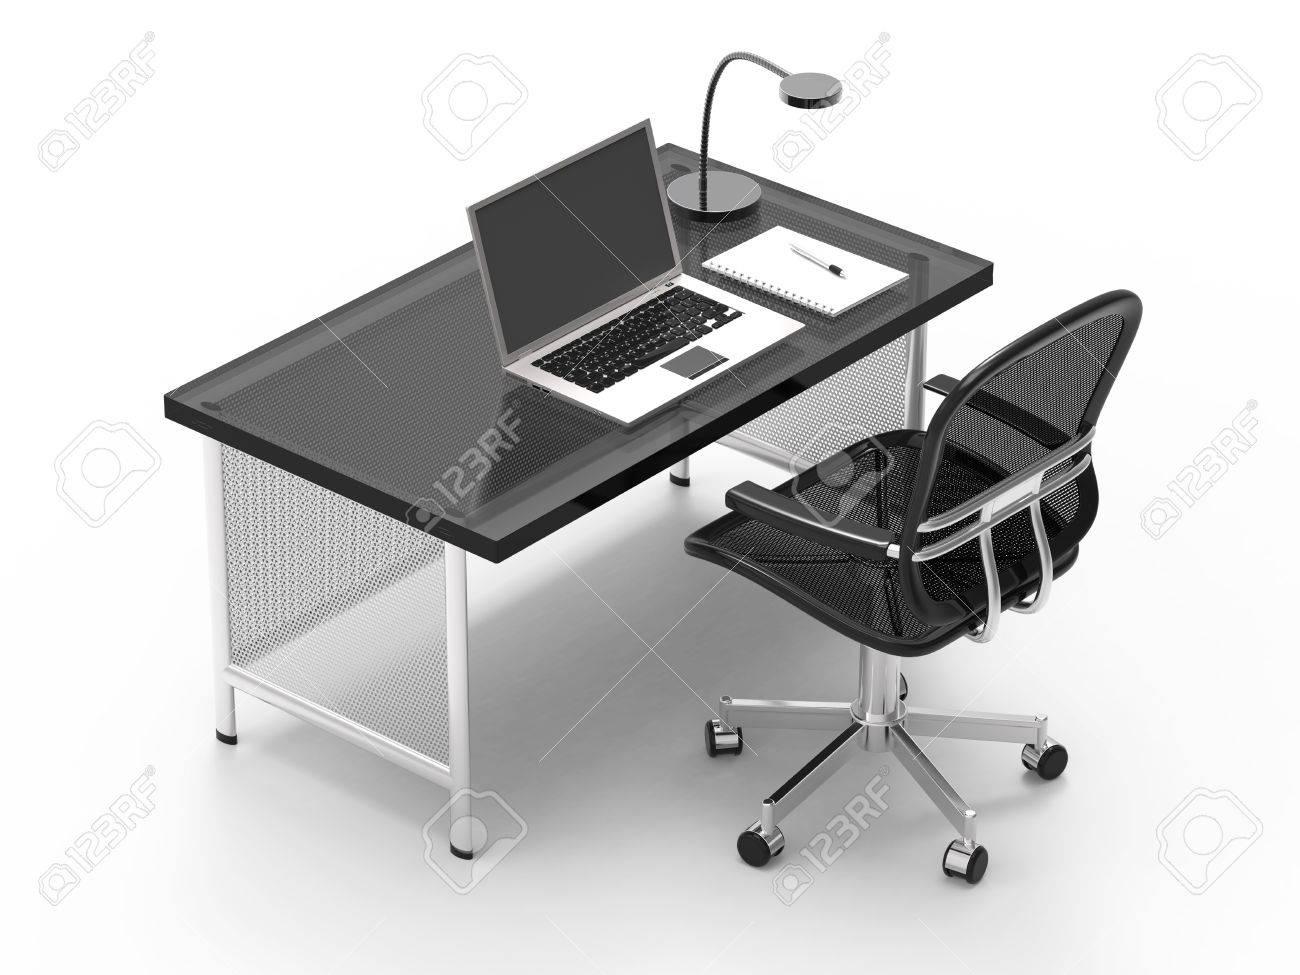 Scrivania Per Computer Bianco.Scrivania Per Ufficio Con Computer Notebook Luce E Penna Su